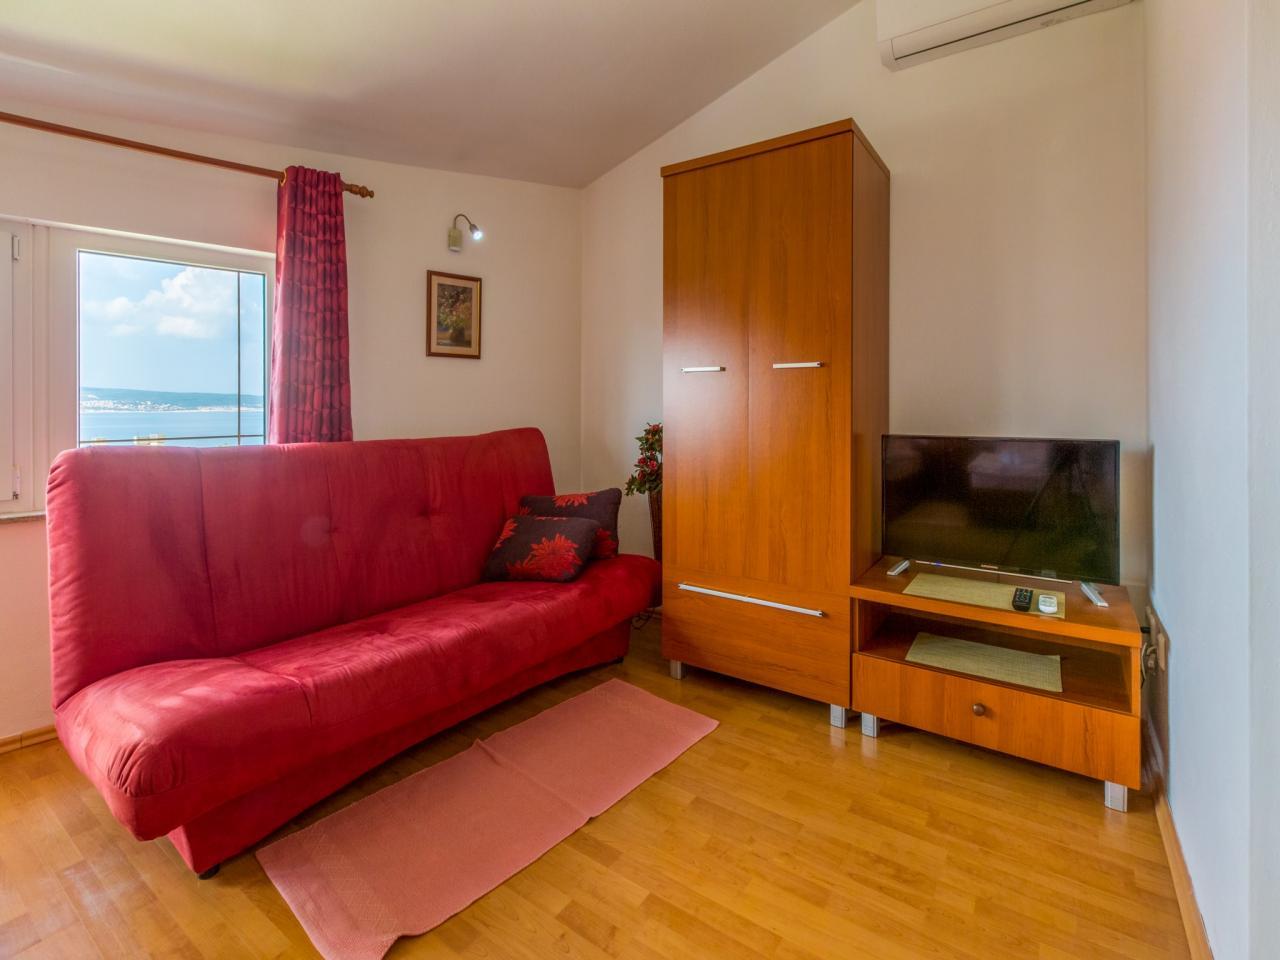 passende wandfarbe fur wohn und schlafbereich - 28 images - passende ...